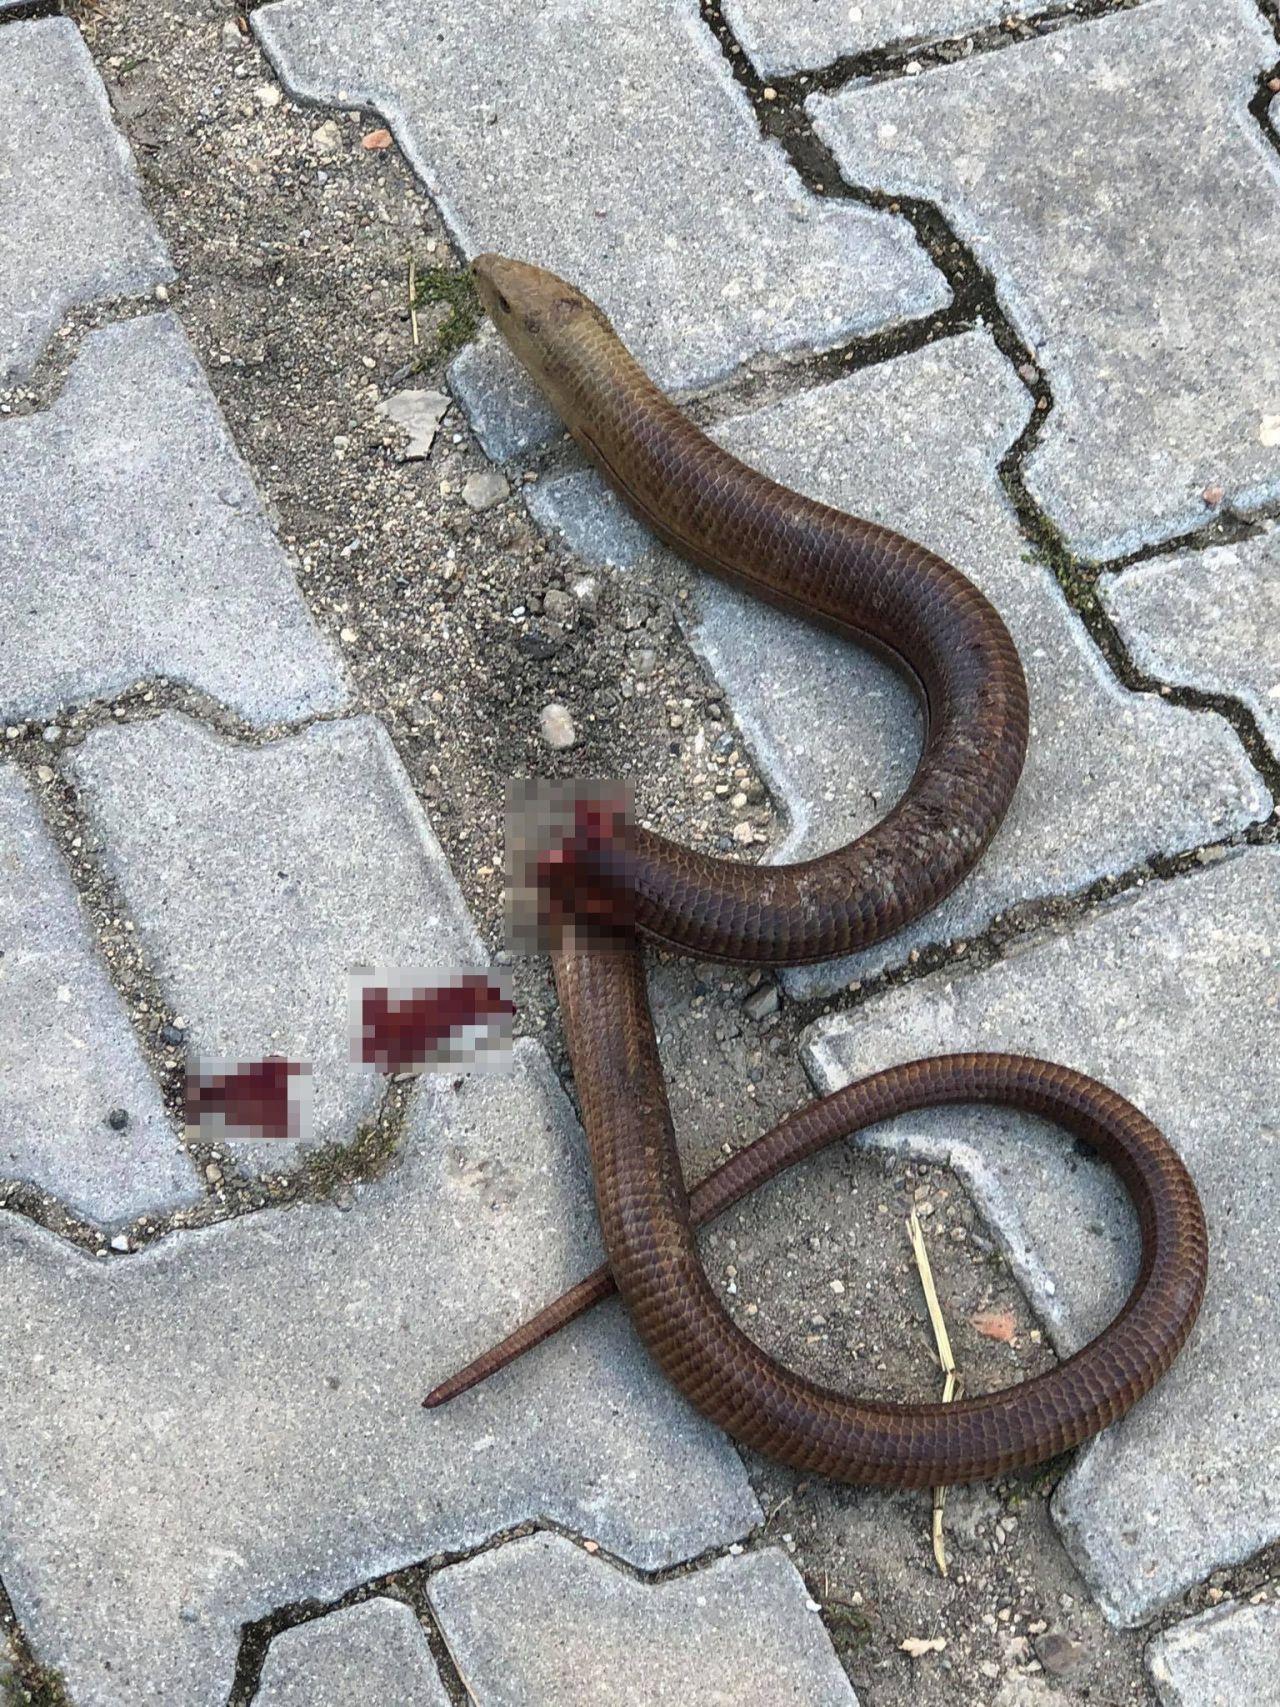 Tekirdağ'da otomobilin jantından çıktı herkes yılan sandı bakın ne çıktı!